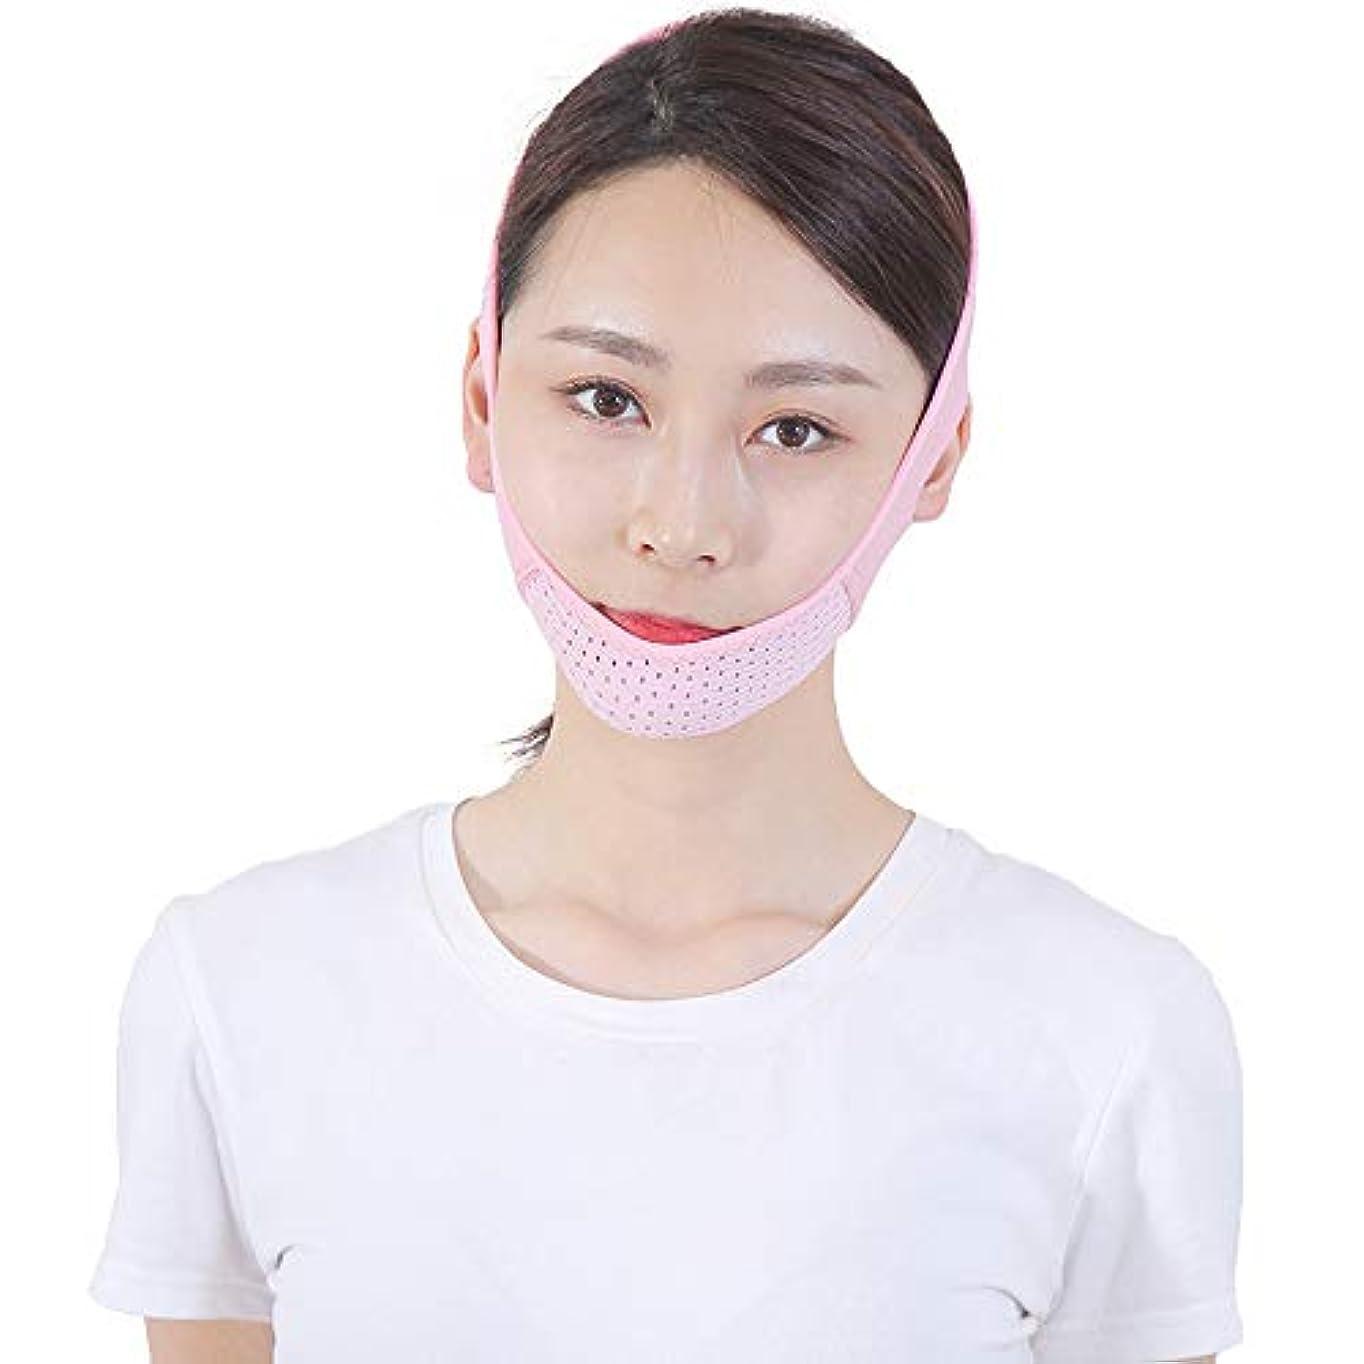 切り下げ通りテニス薄い顔のベルト - 薄い顔のベルト 顔の包帯ダブルチンの顔リフトの人工物Vのフェイスベルト薄い顔のマスク 美しさ